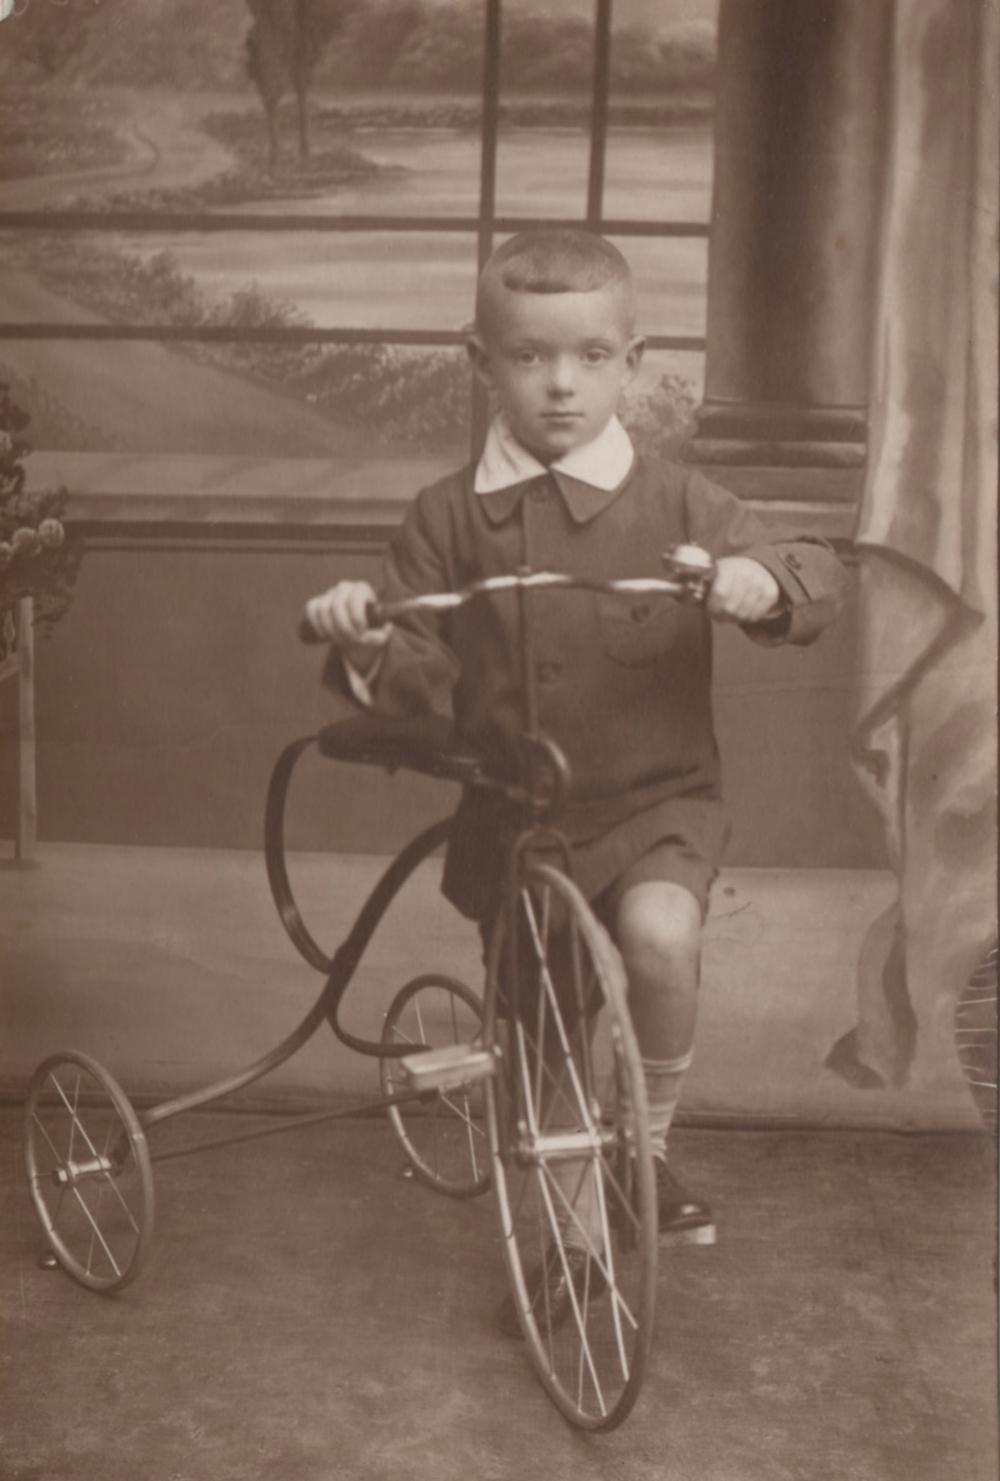 My father, Edward Hawthorne (then Yitzhak Herszkorn), as a boy in prewar Grojec, Poland